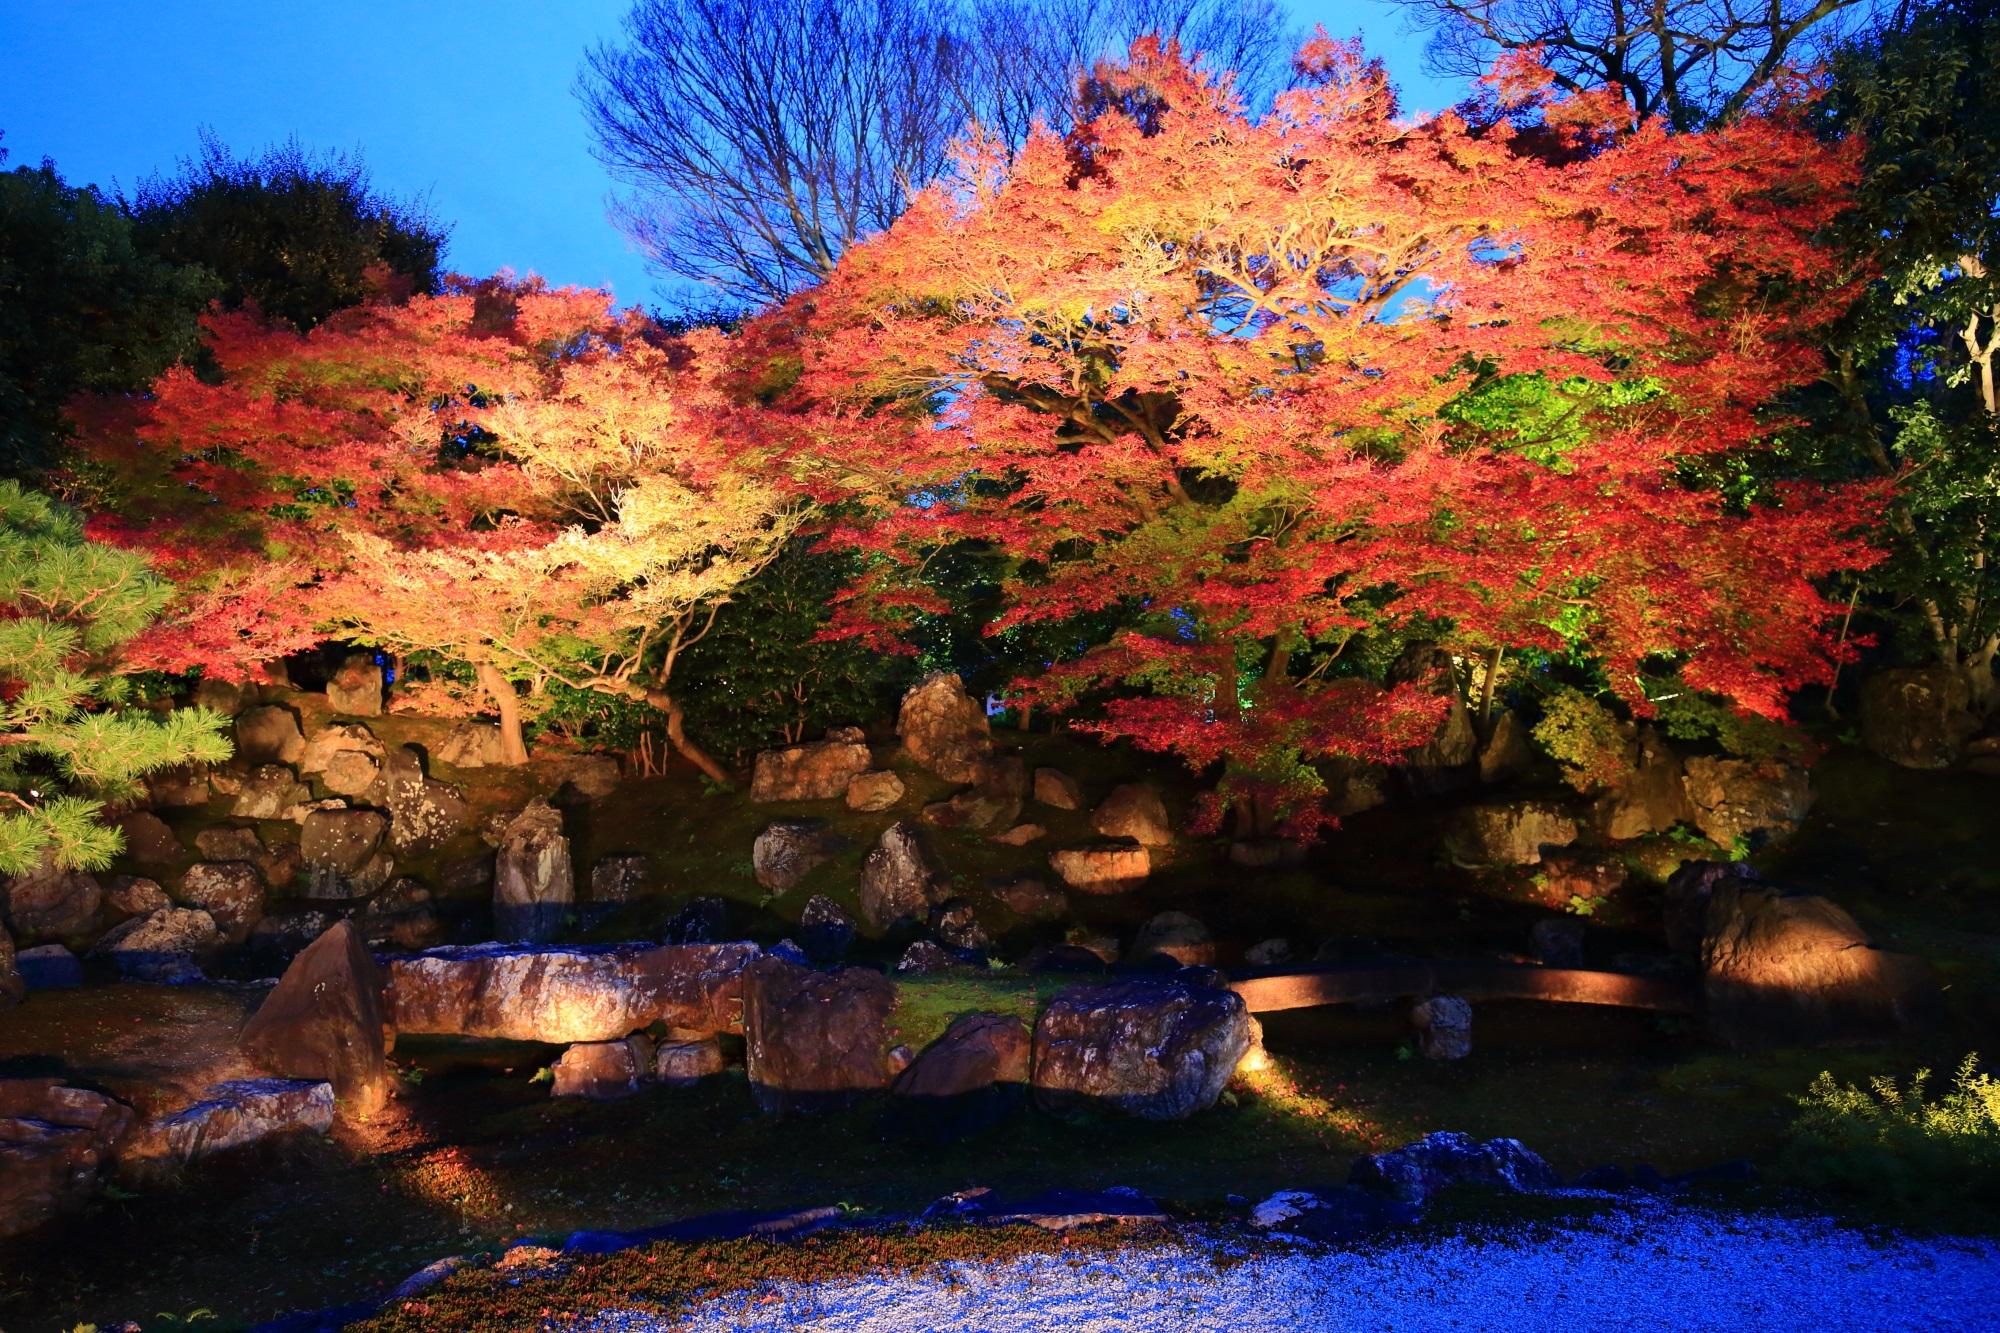 高台寺 圓徳院の北庭の見ごろの紅葉のライトアップ